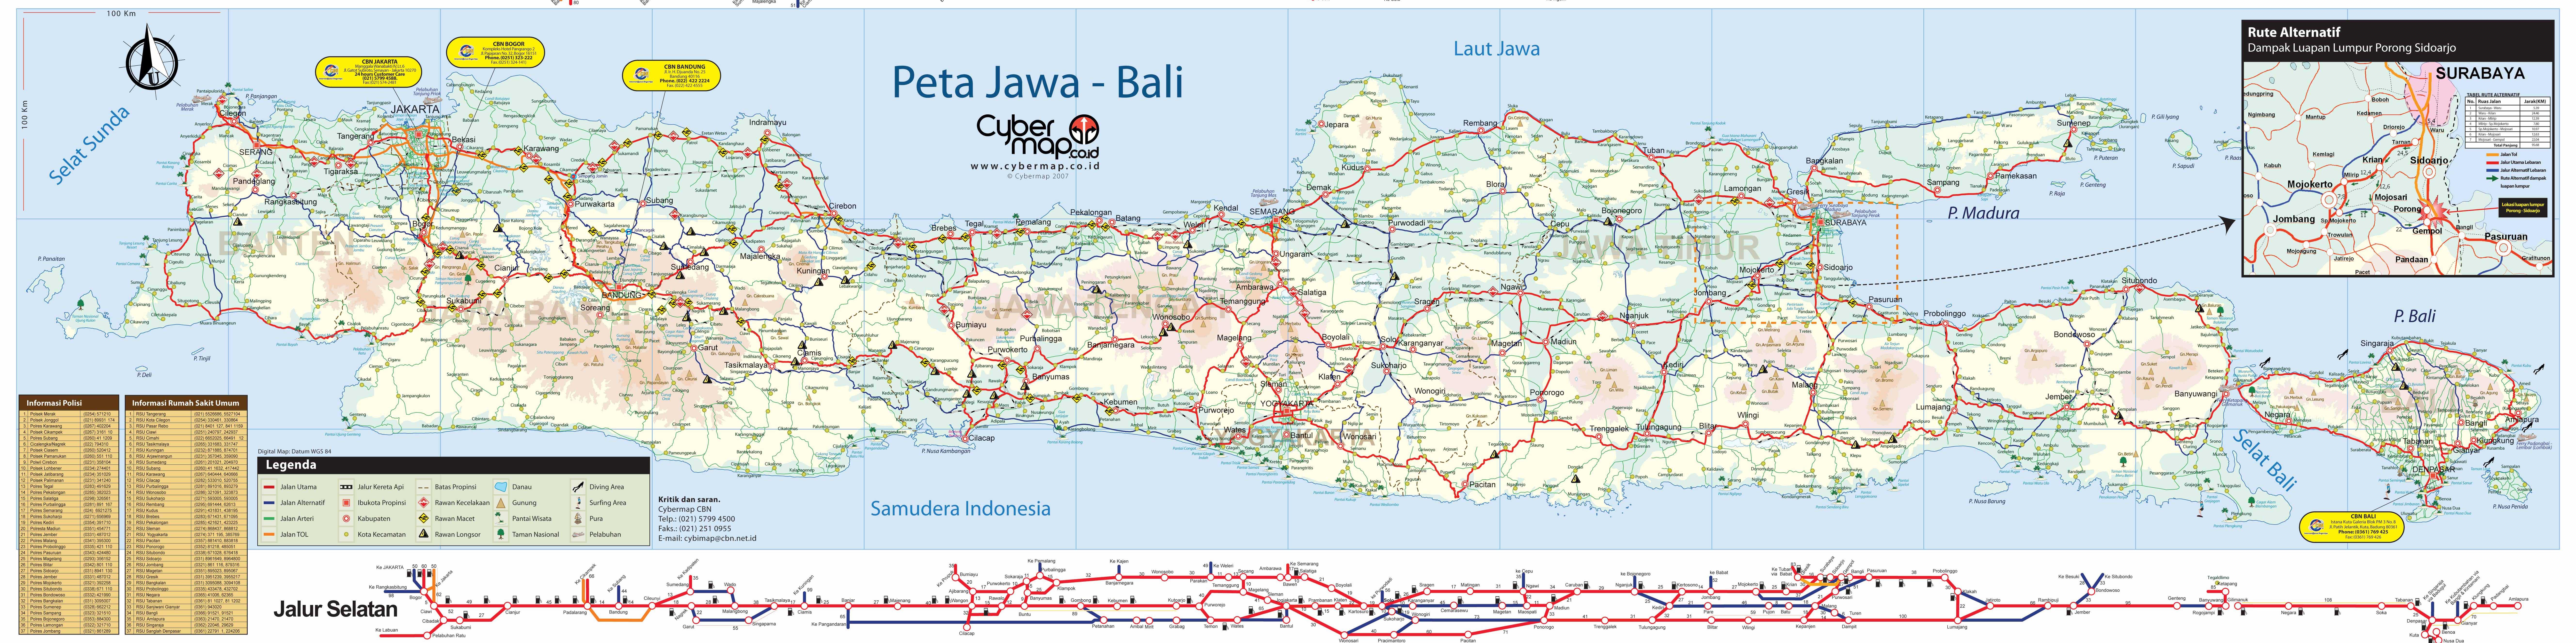 Info Mudik: Peta Mudik Jawa 2009